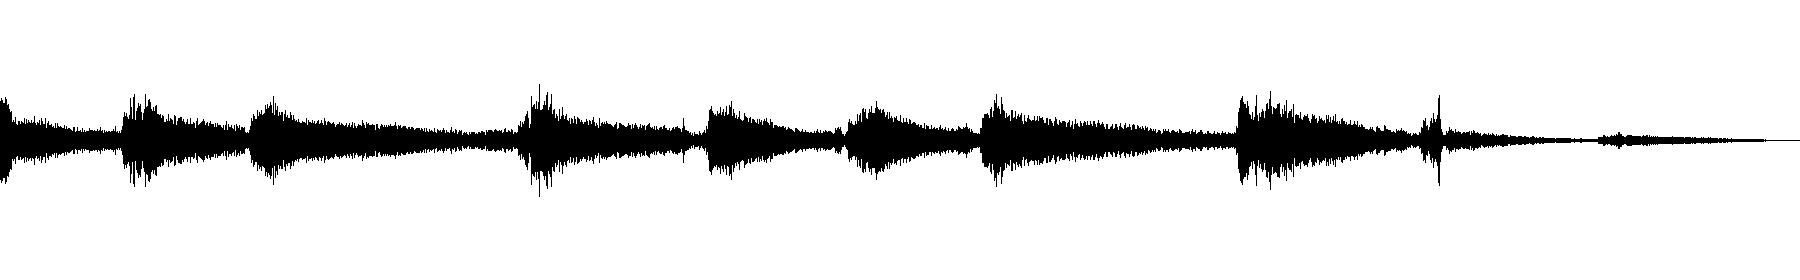 ac guitarfx120a 01